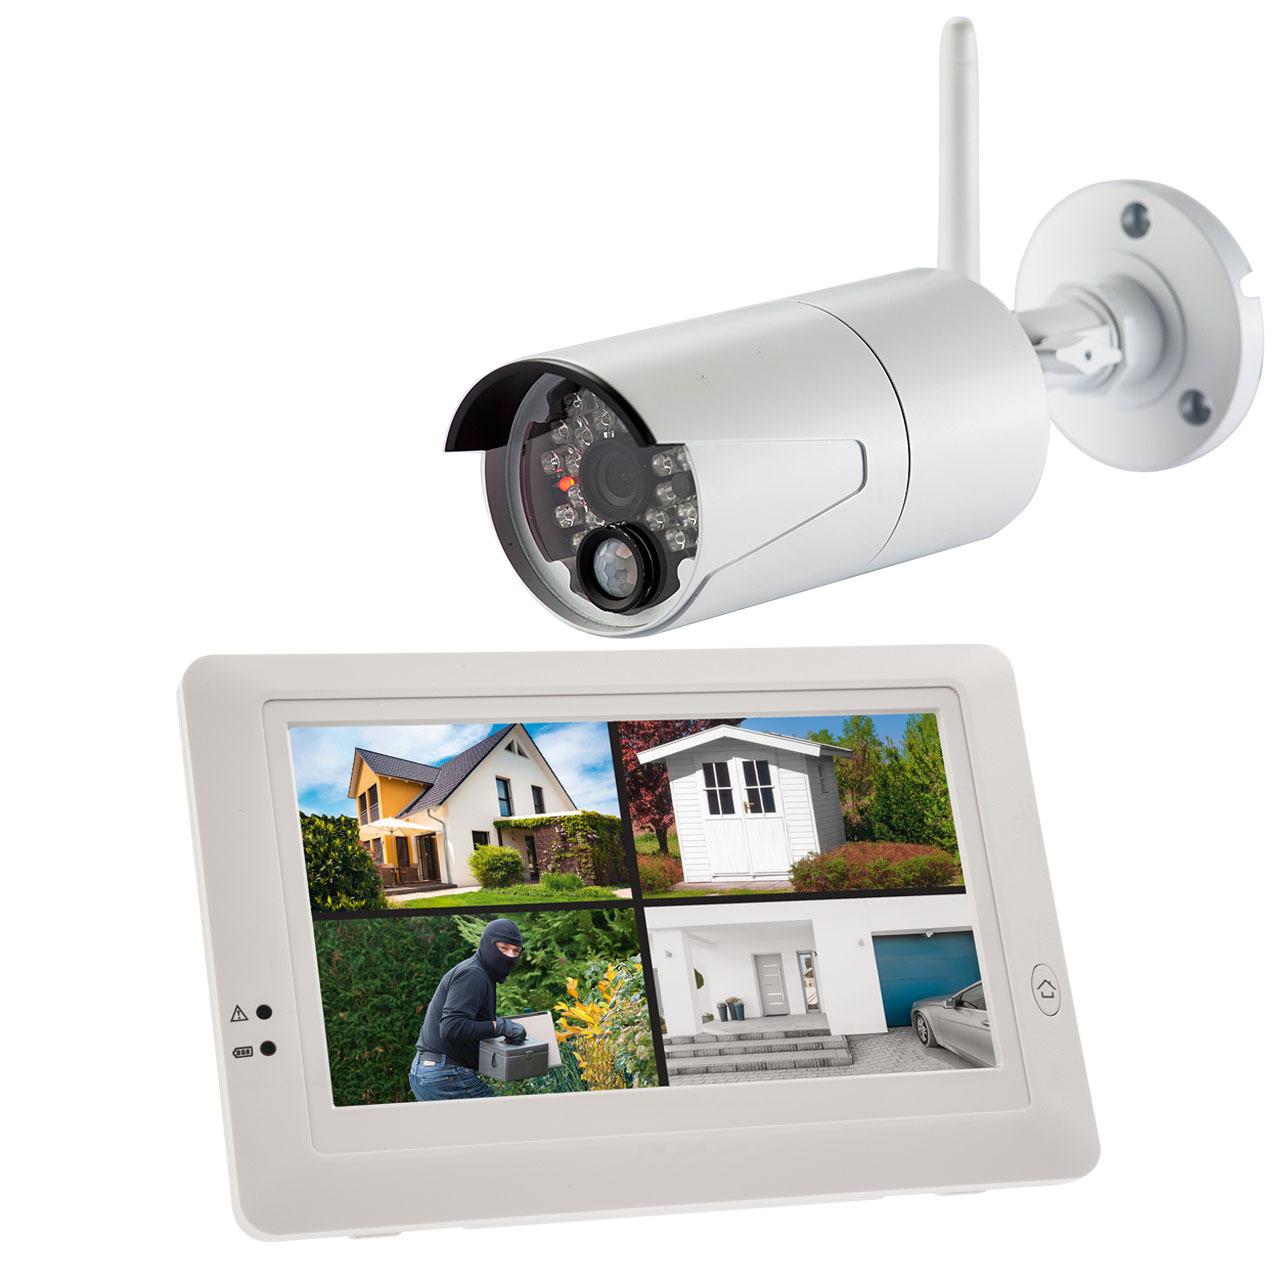 ELV Funk-Kamerasystem KS200 HD- 720p- mit App-Zugriff (iOS und Android)